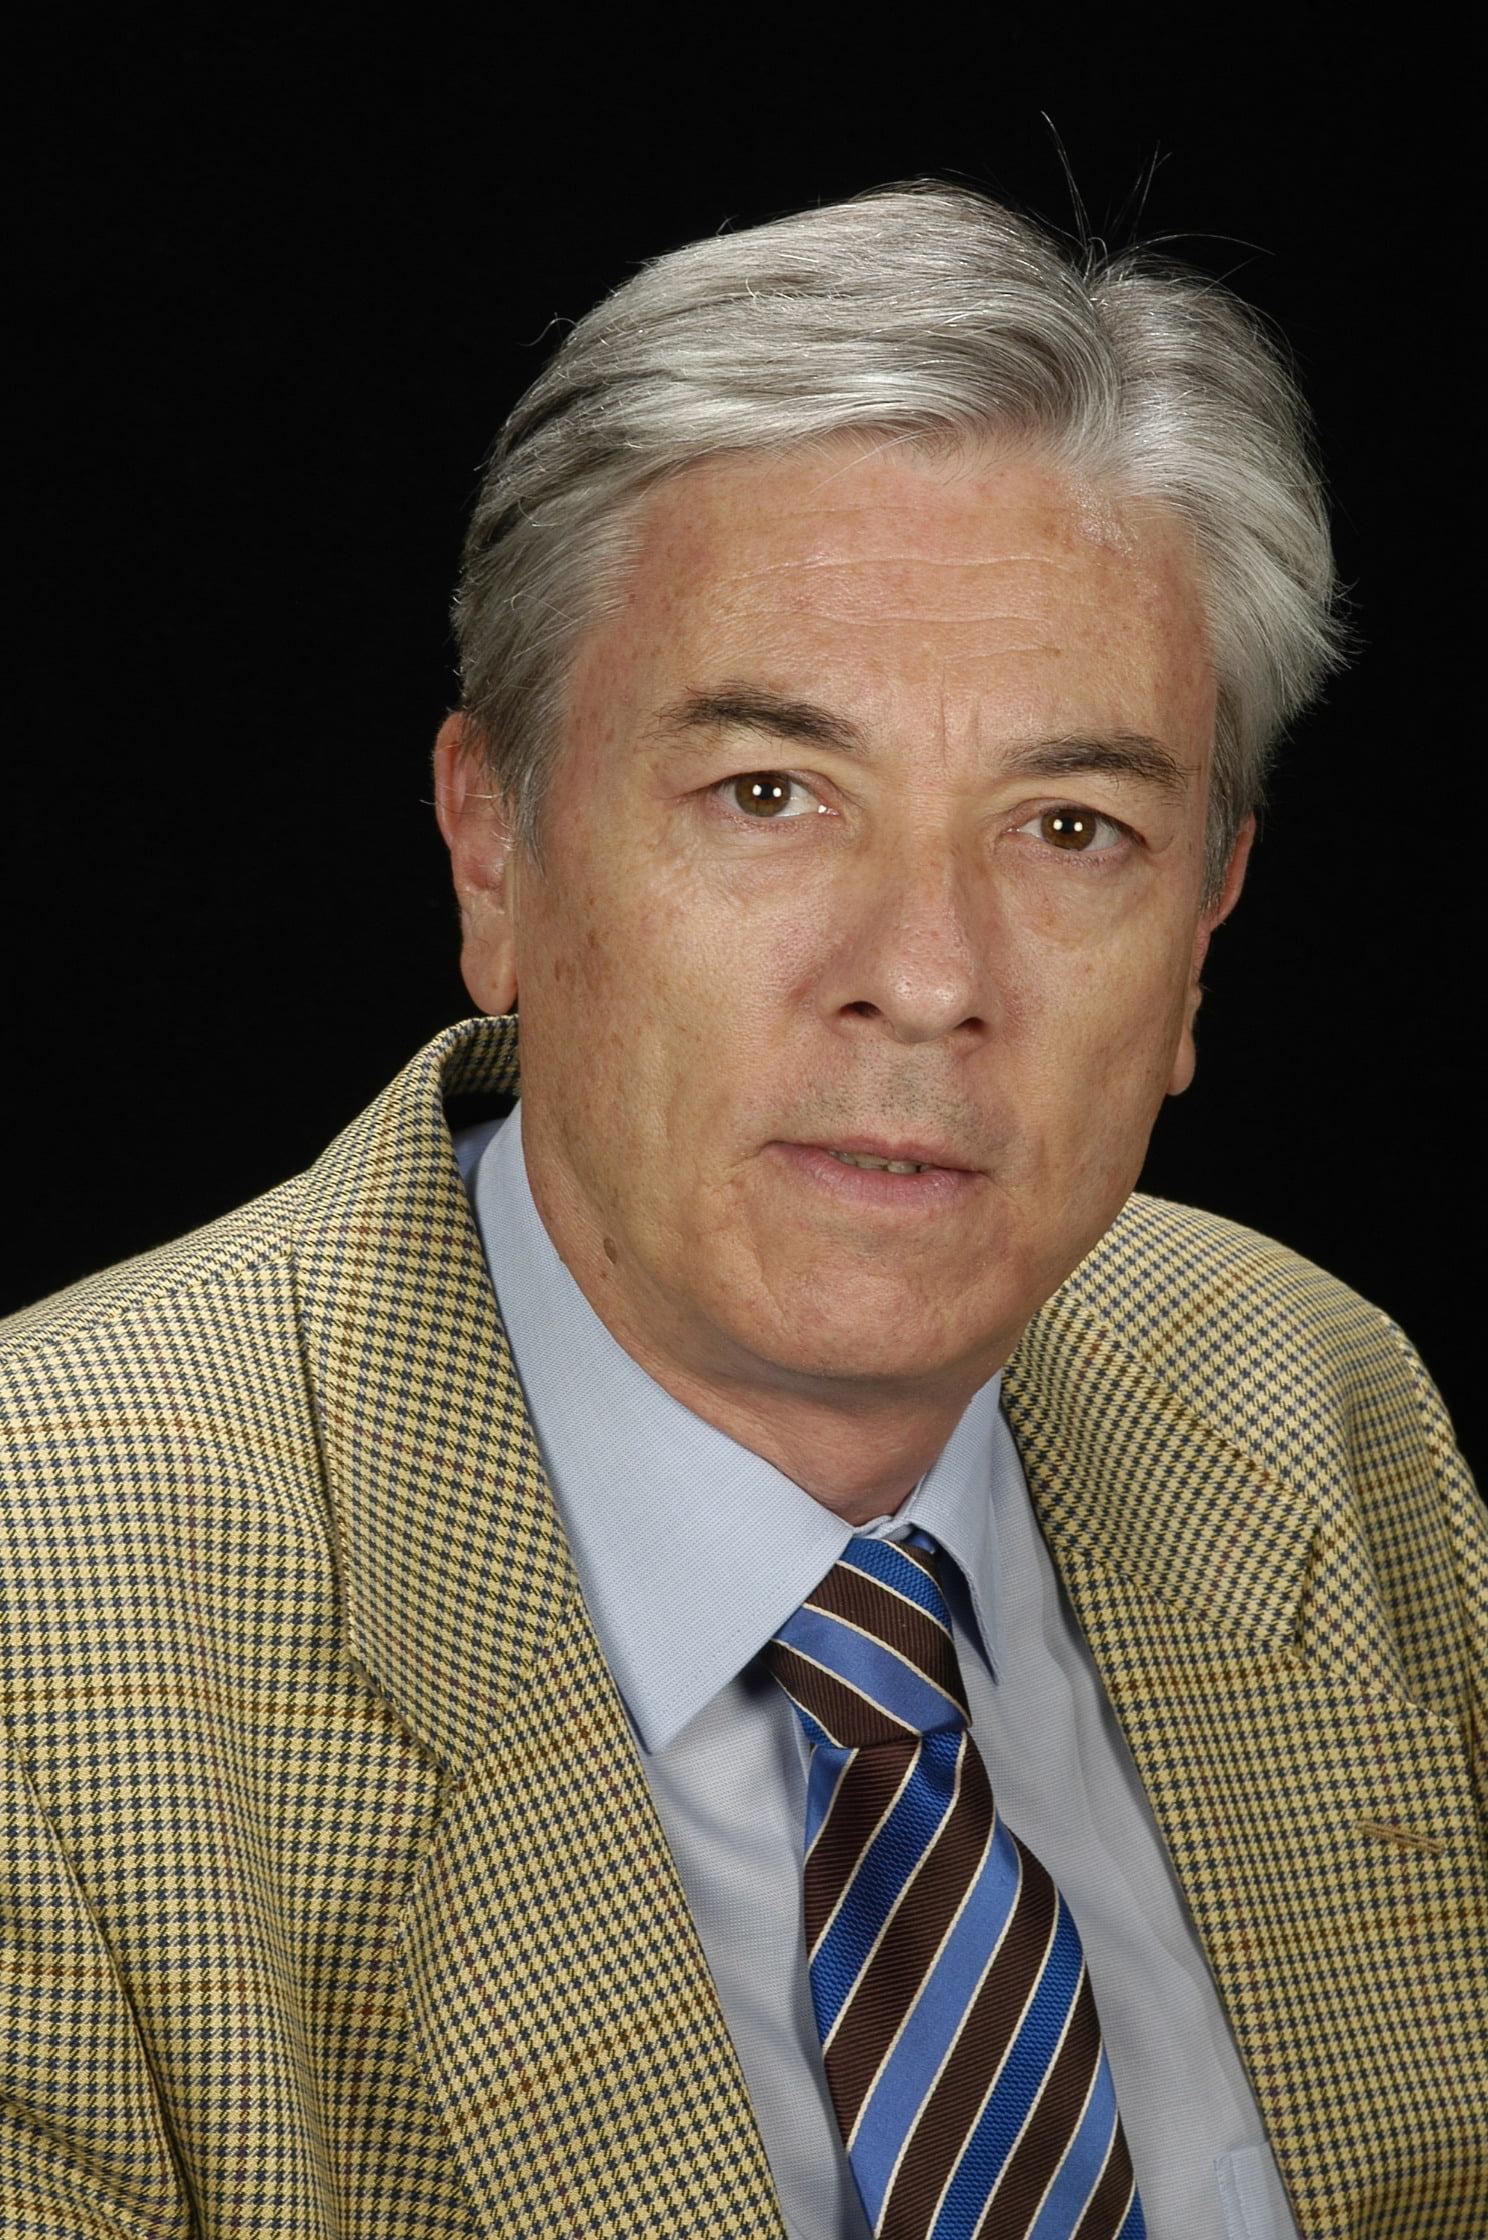 Dr. Miquel Rubí Capaceti